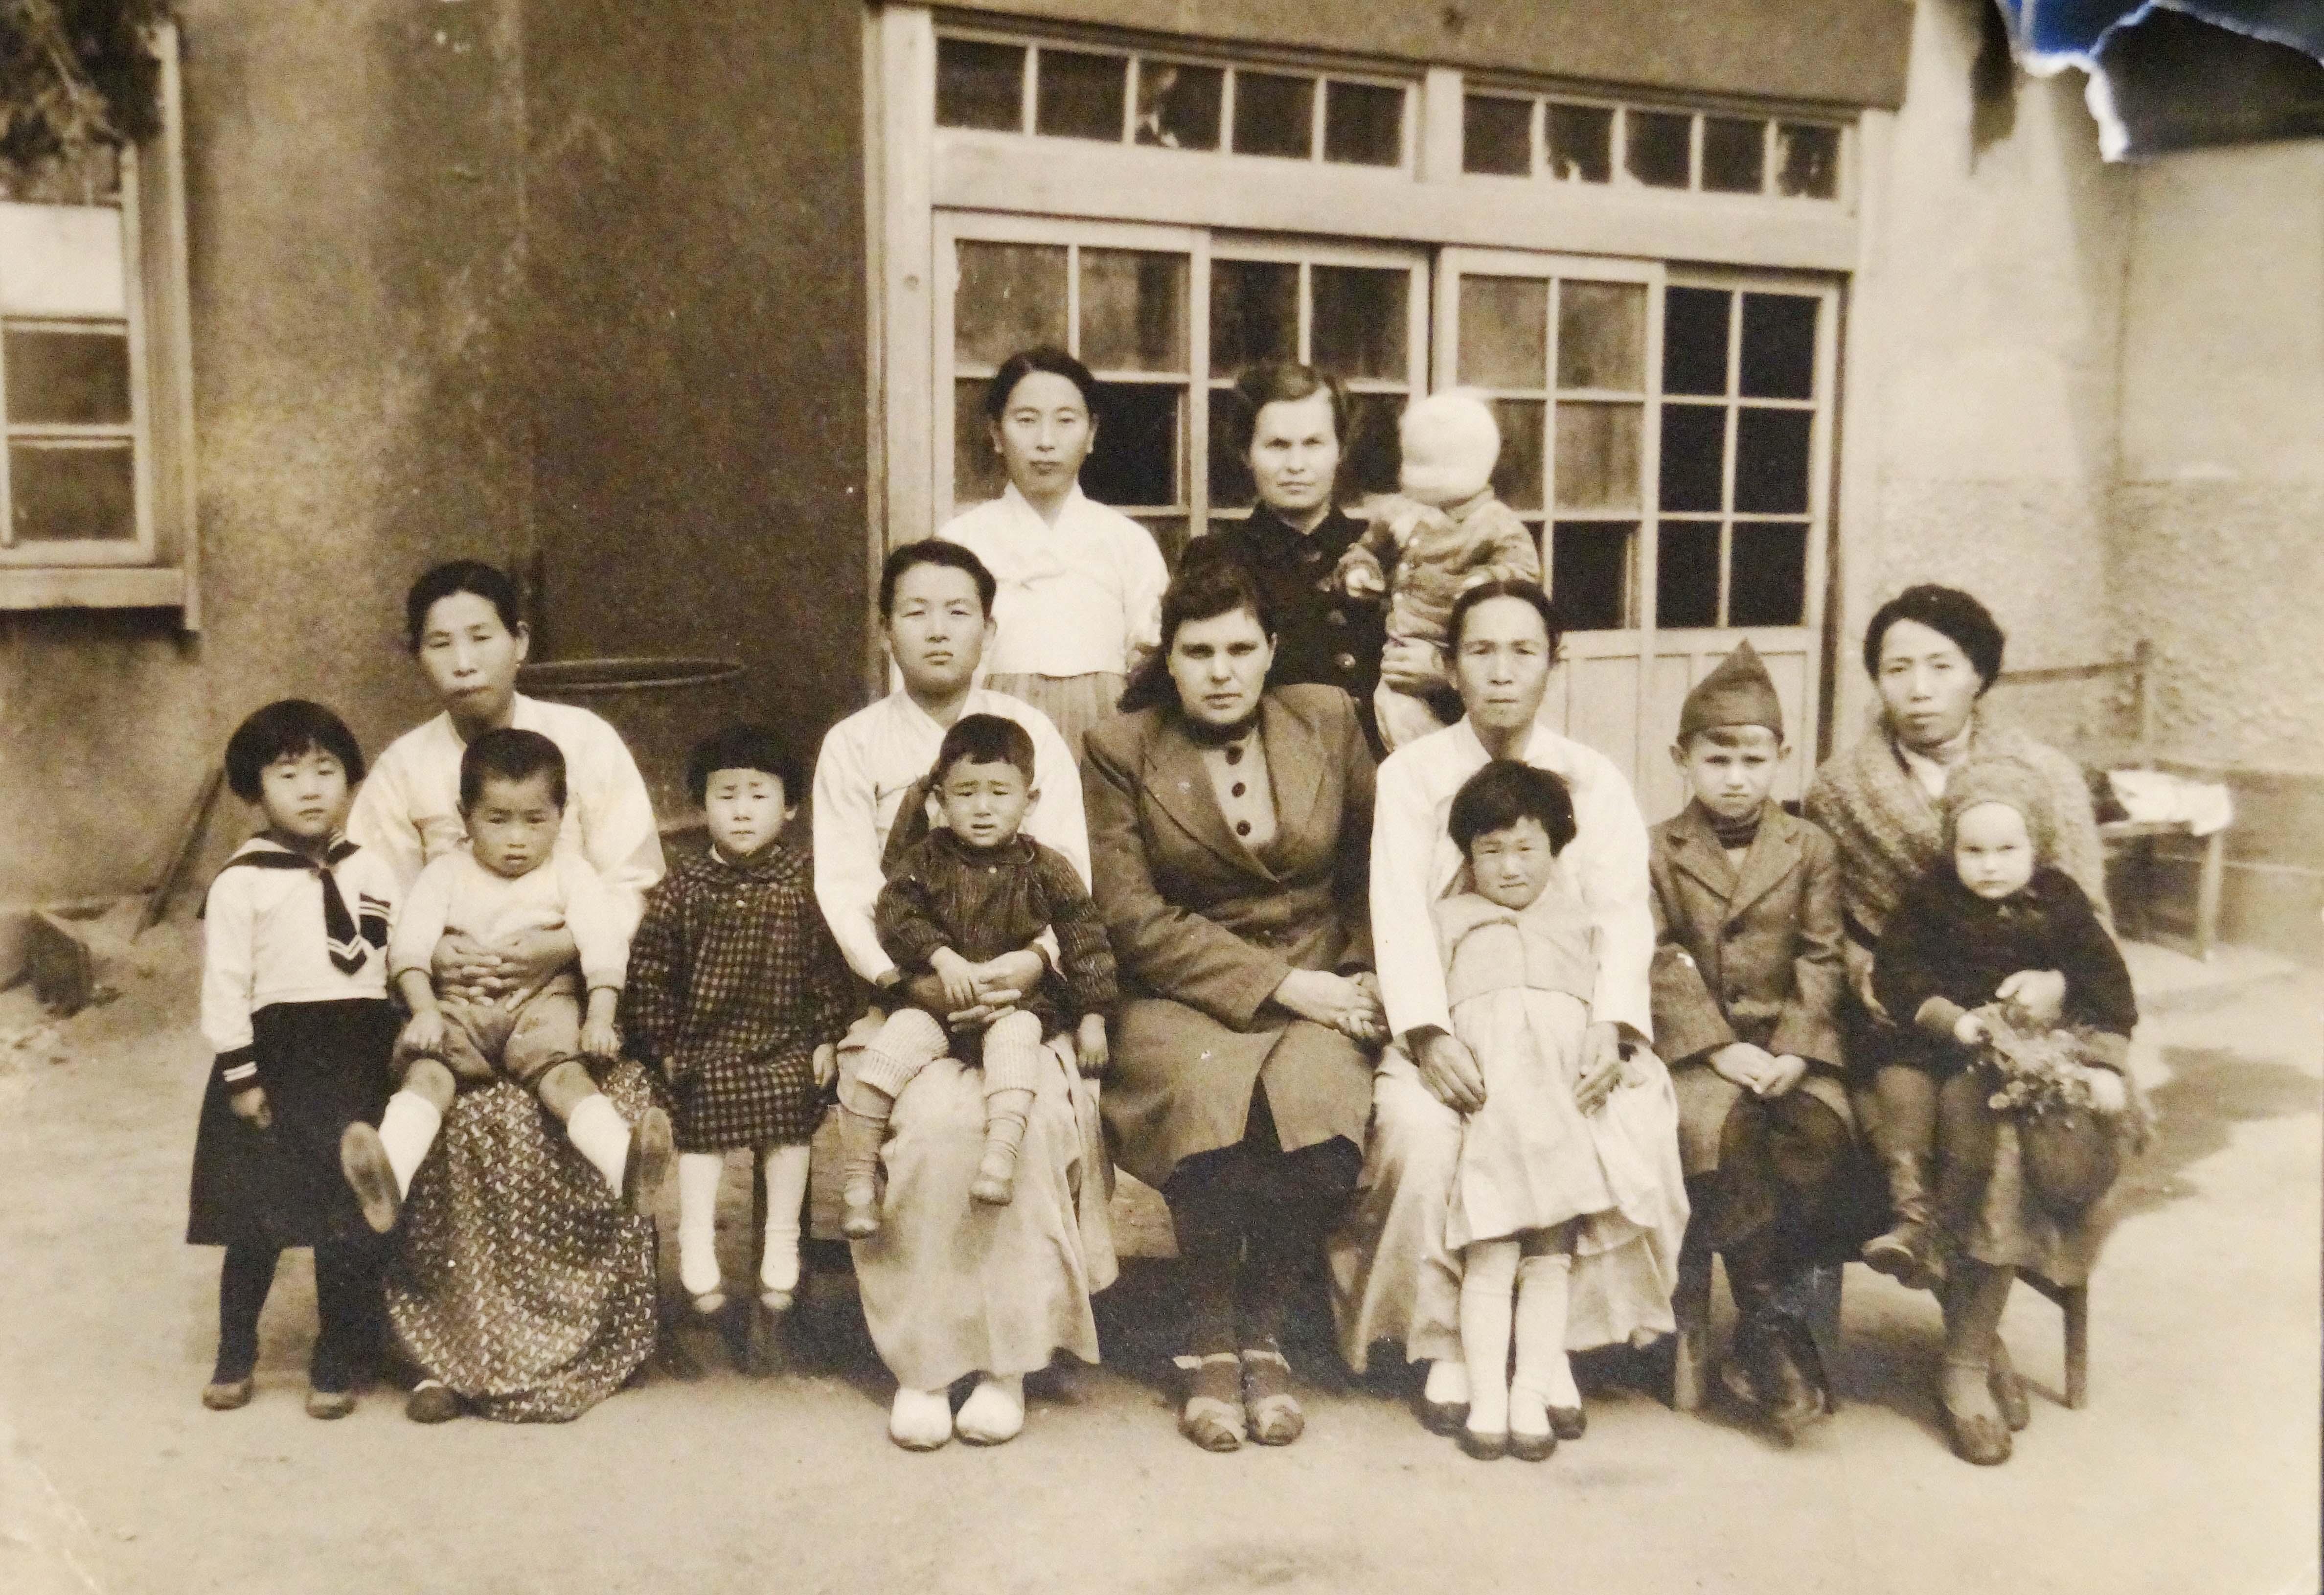 Мария Васильевна Лозинская (стоит в верх.ряду спр. с ребенком) в Корее во второй половине 1940-х